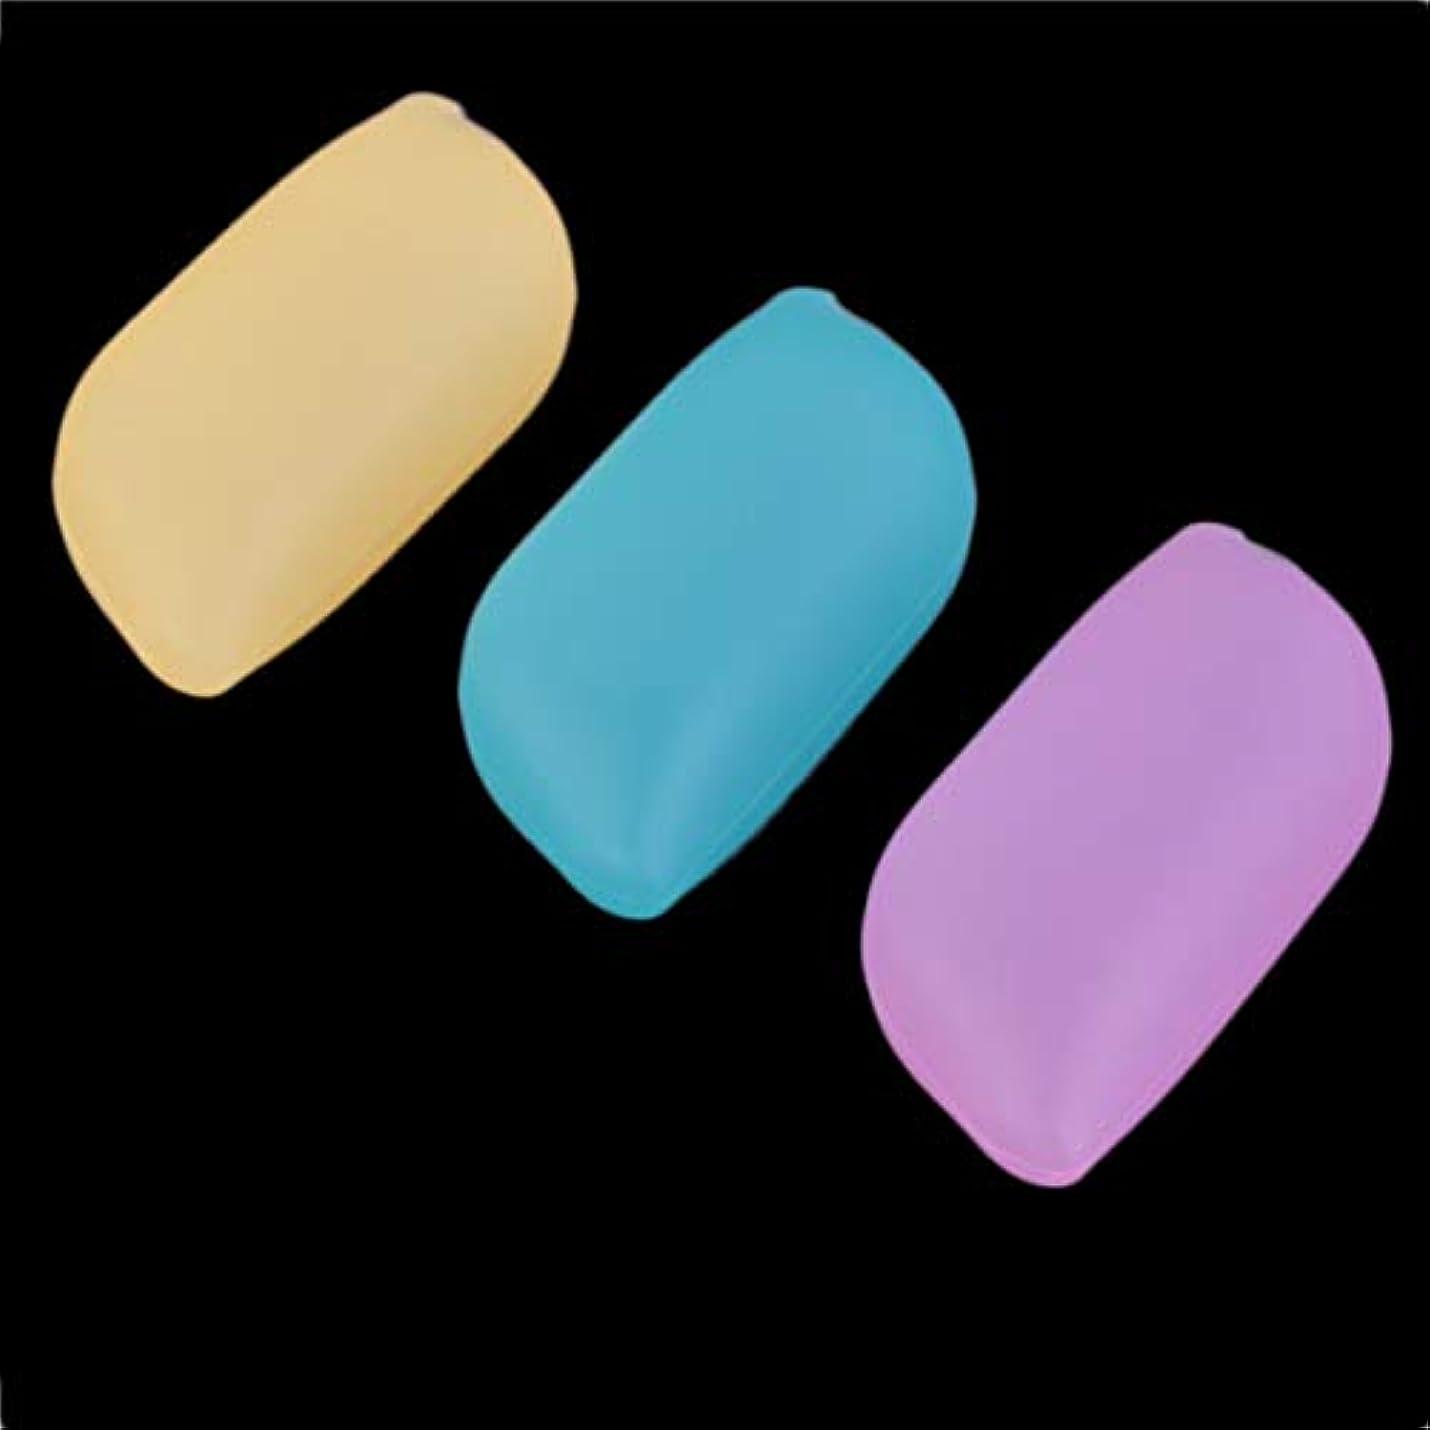 価格液体ベンチャーポータブル軽量3ピースシリコンソフトトラベルキャンプ開催歯ブラシヘッドケースカバー保護キャップきれいに保つ - 多色